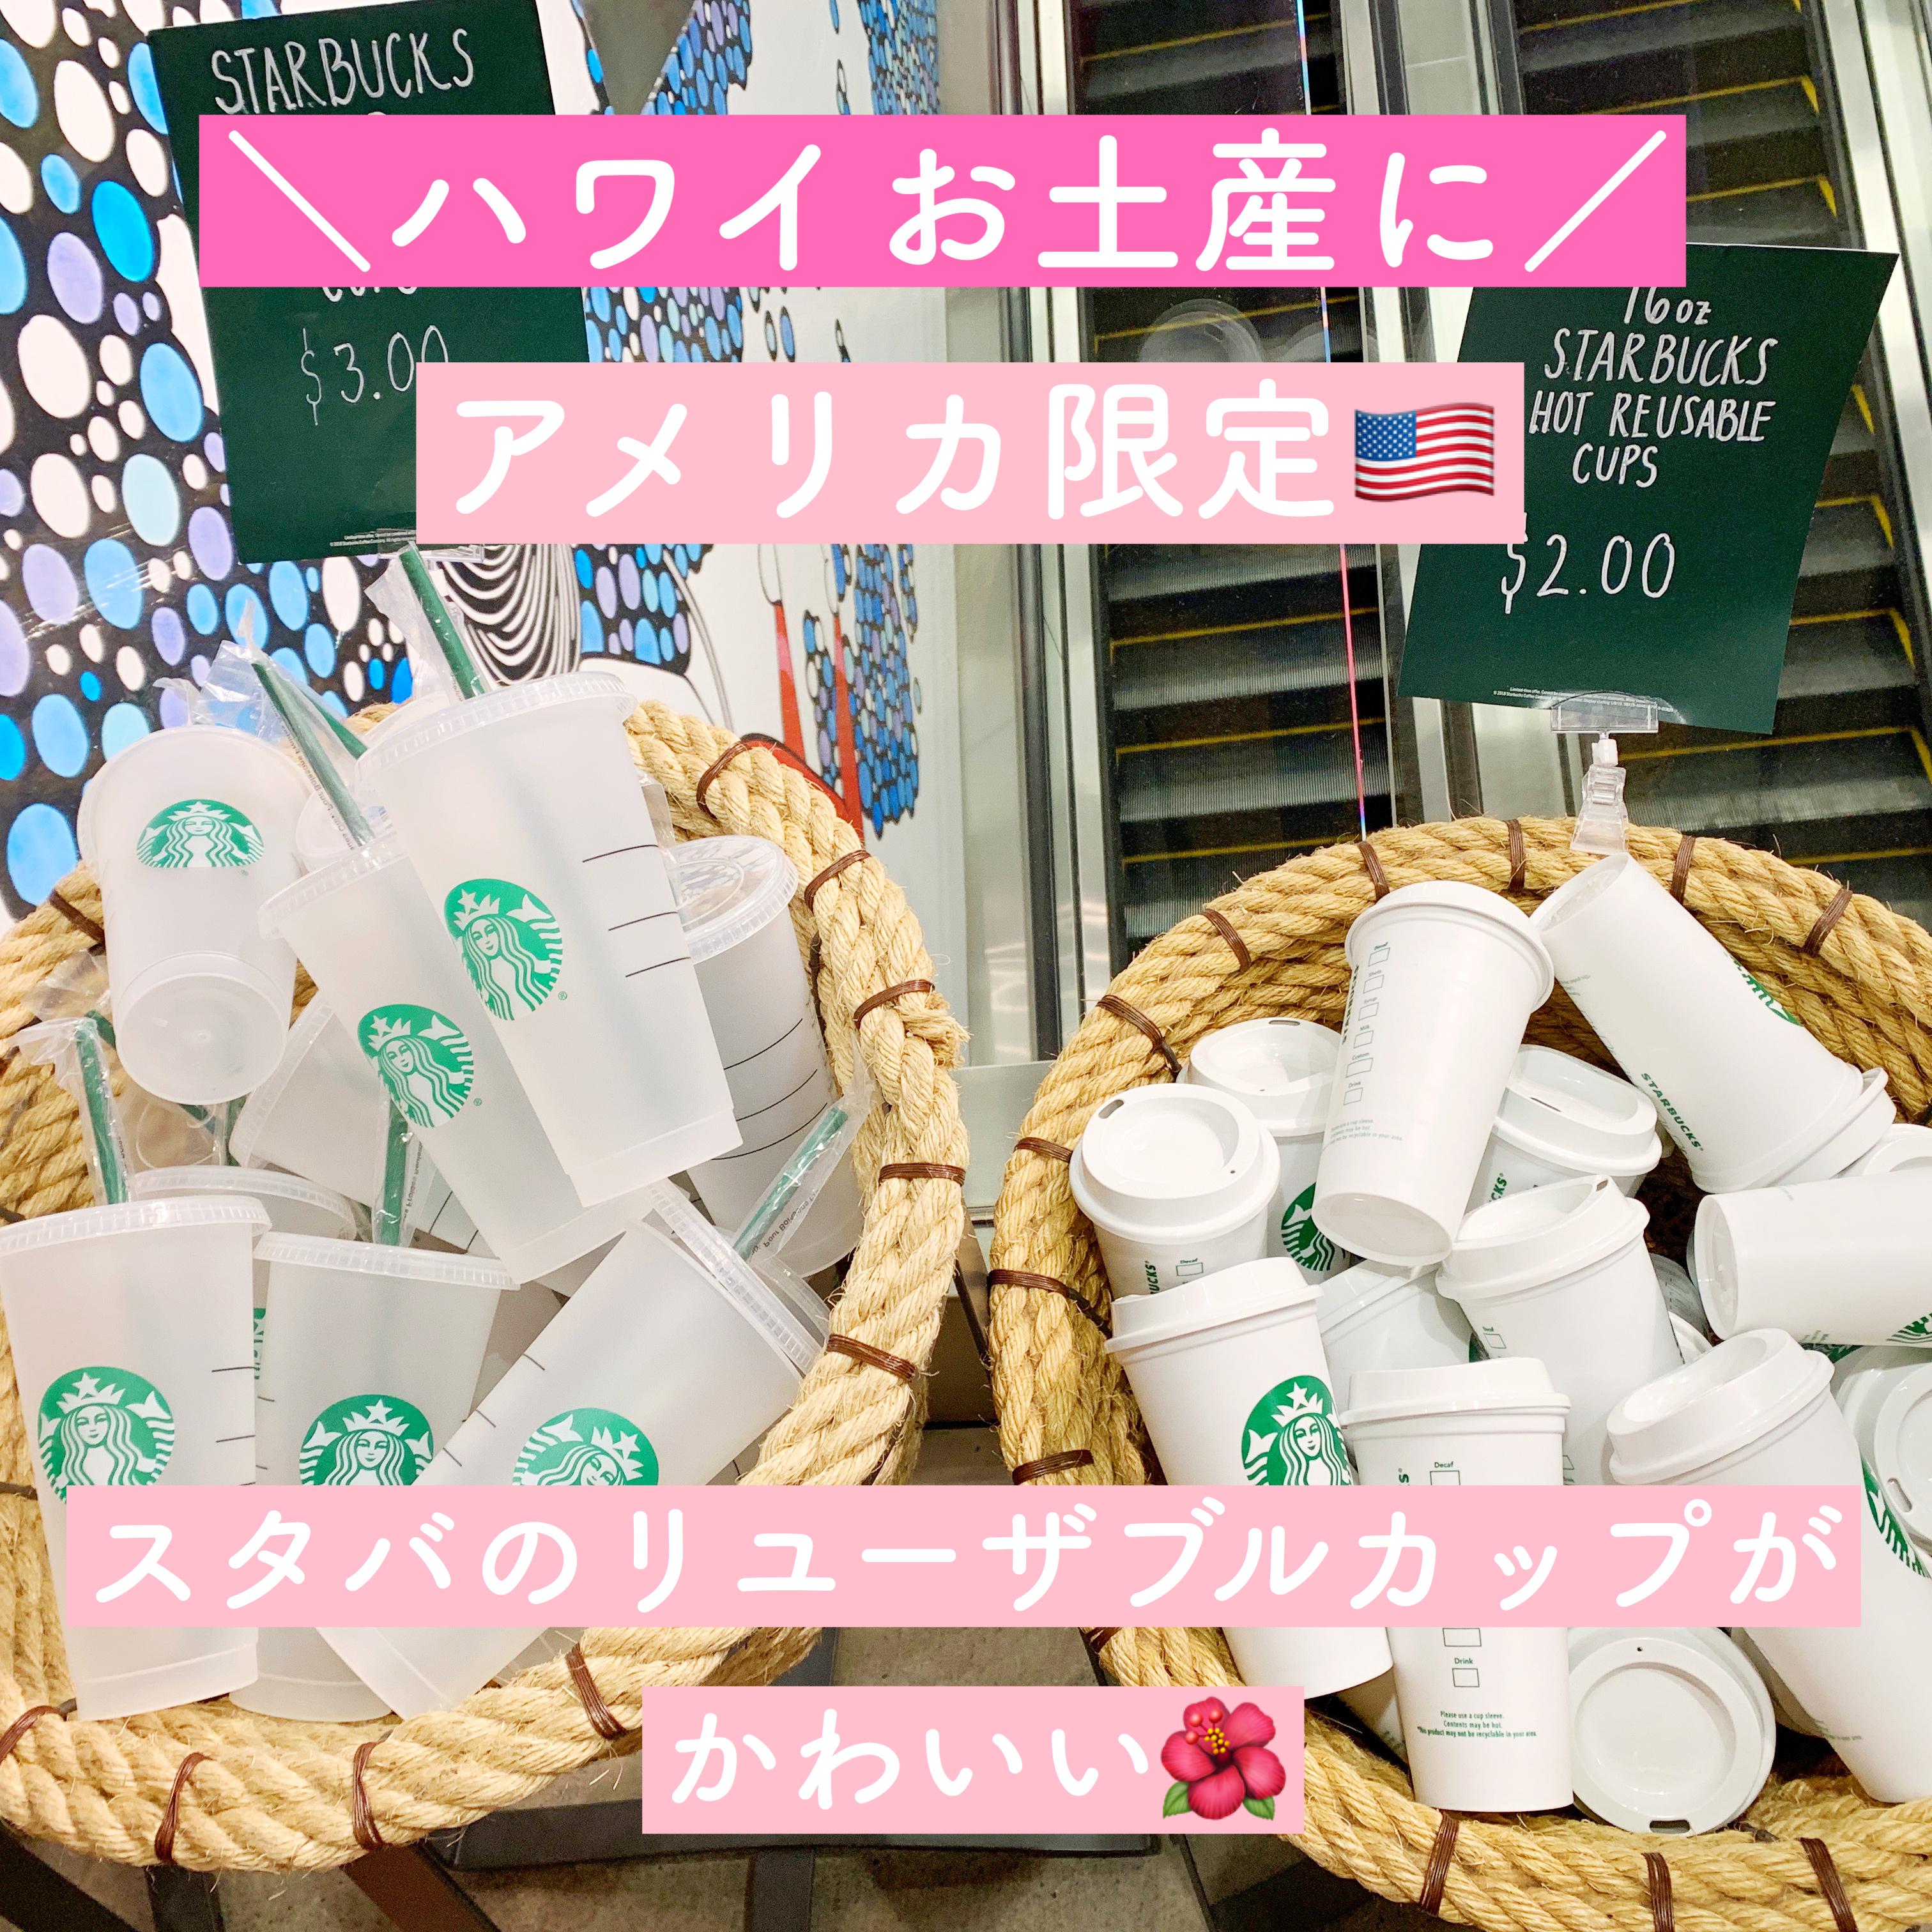 【ハワイ土産】アメリカ限定 スタバのリユーザブルカップが可愛くておすすめ【タンブラー】